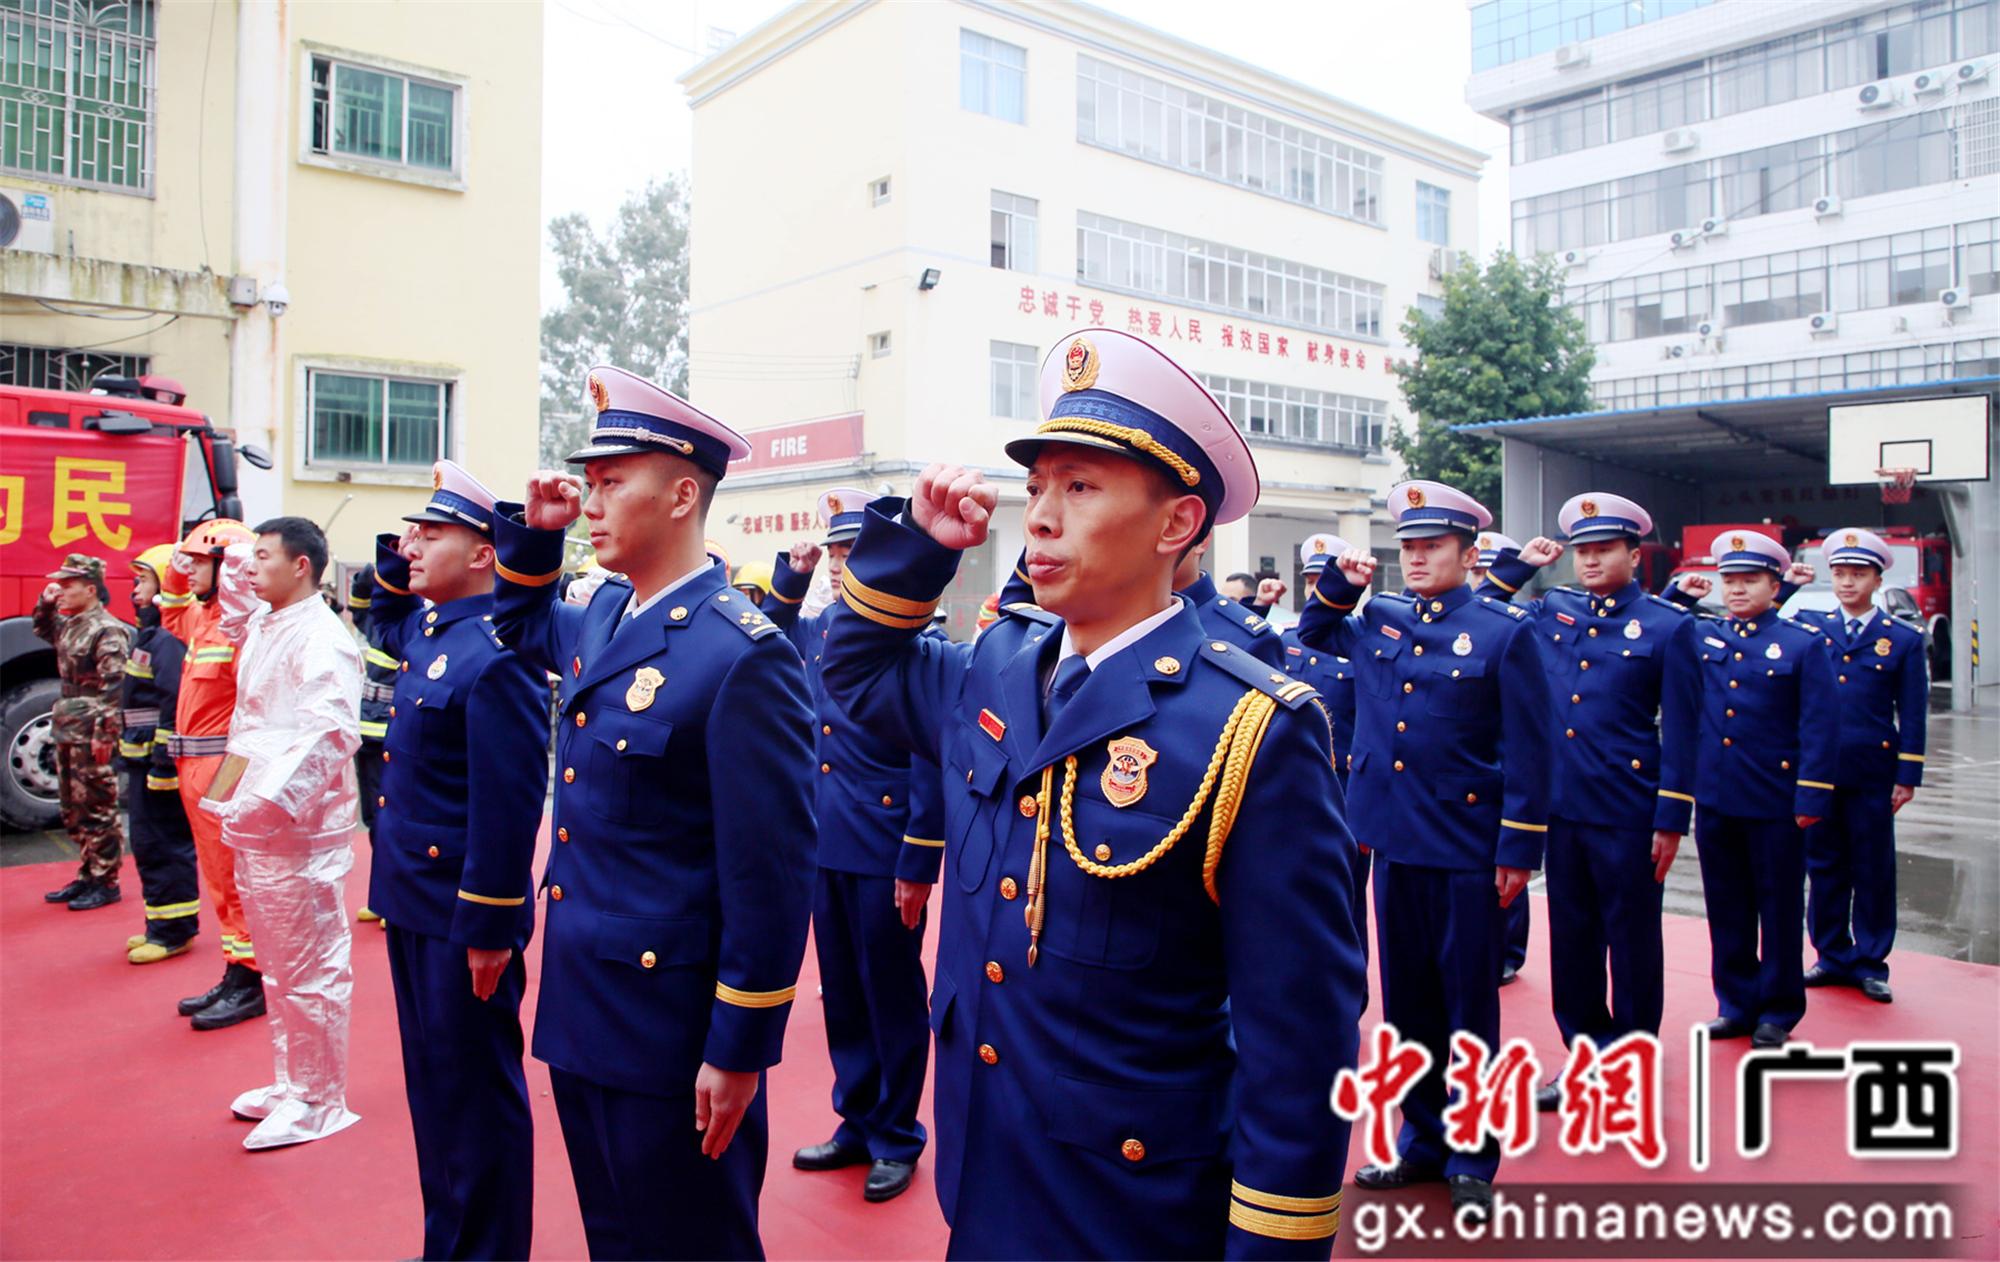 广西融安县消防救援大队举行授衔换装仪式